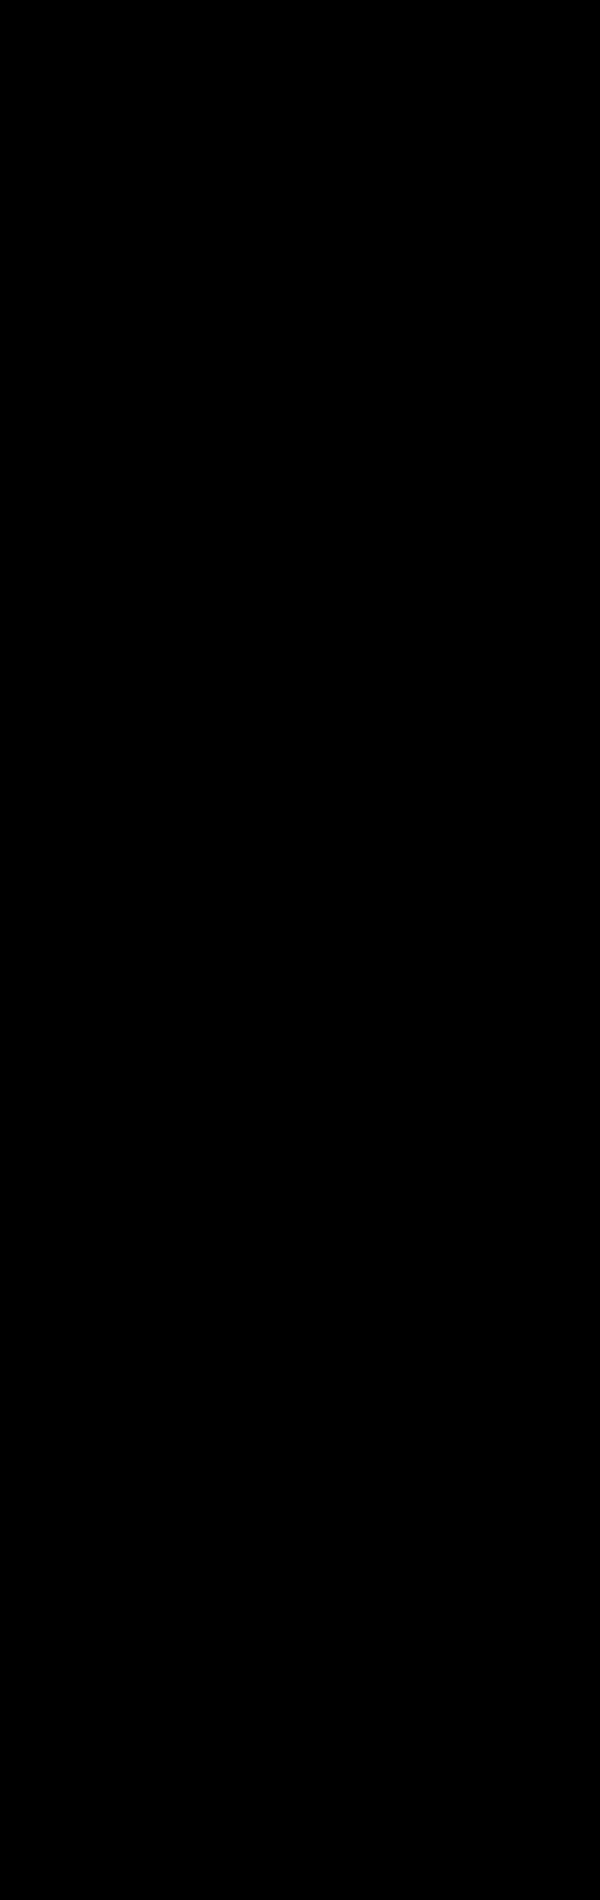 Invader Zim Irken Logo